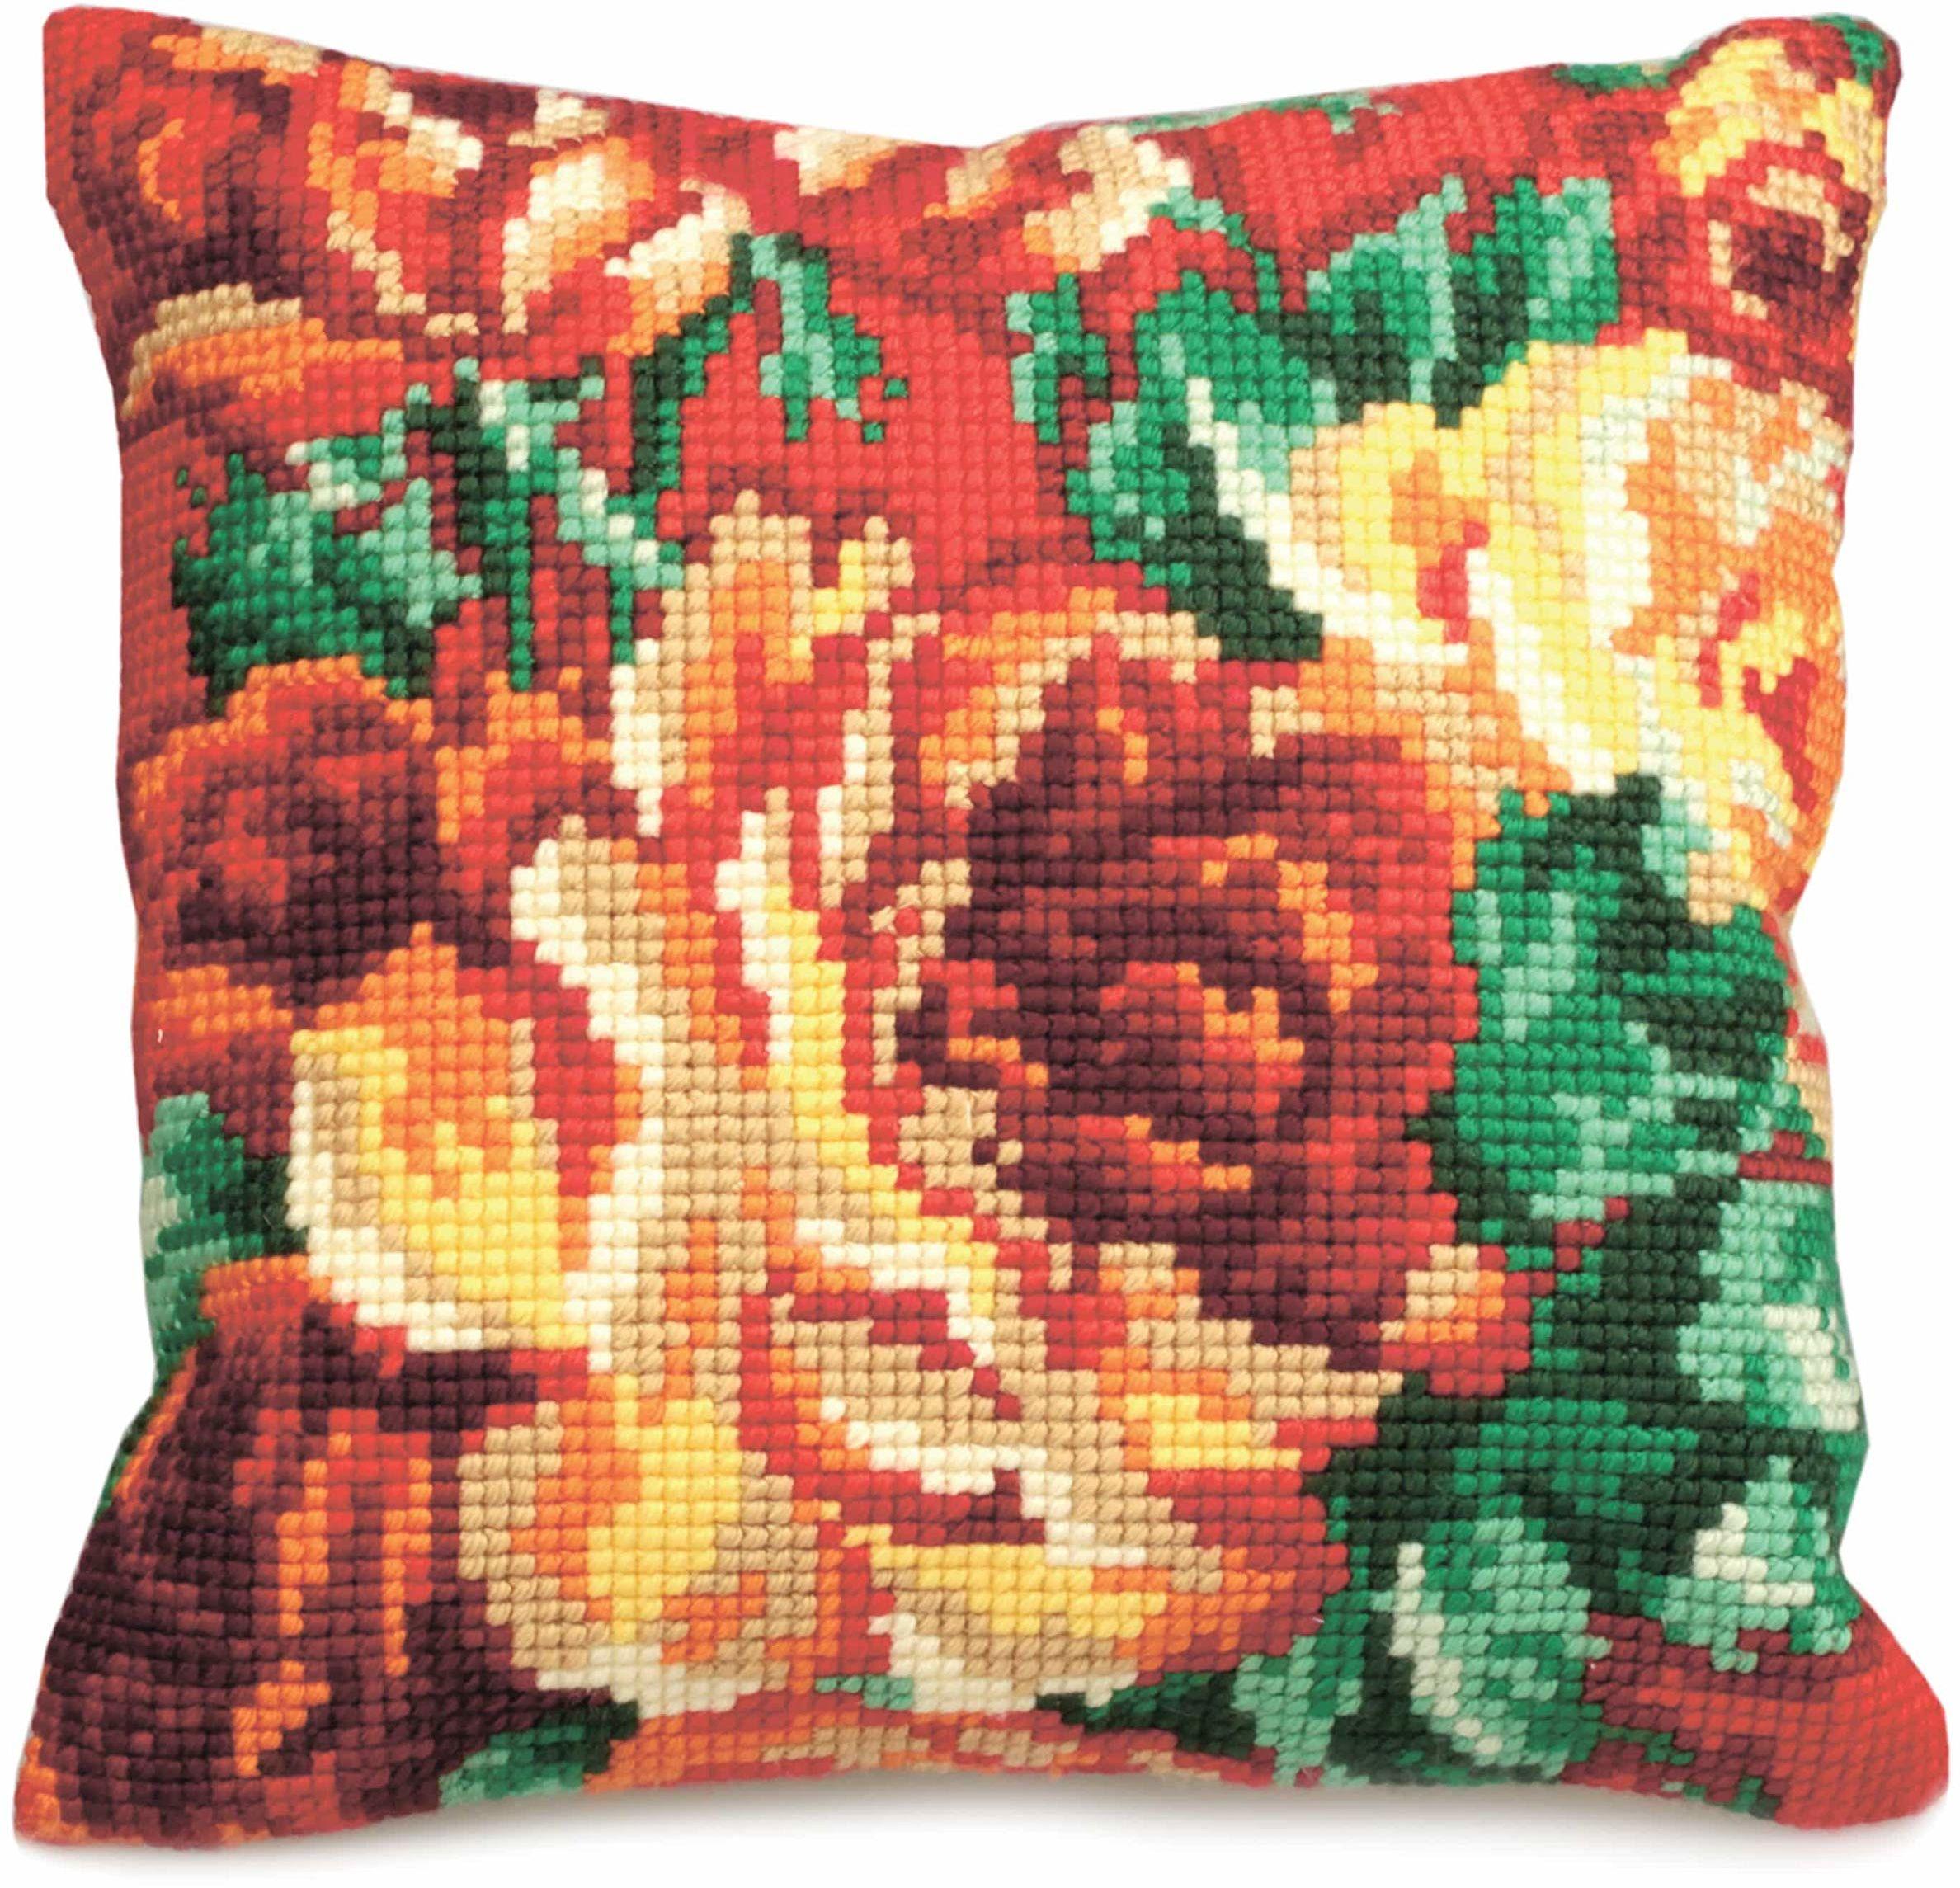 Kolekcja artystyczna poduszka z haftem krzyżykowym: Kapusta róża (po lewej)